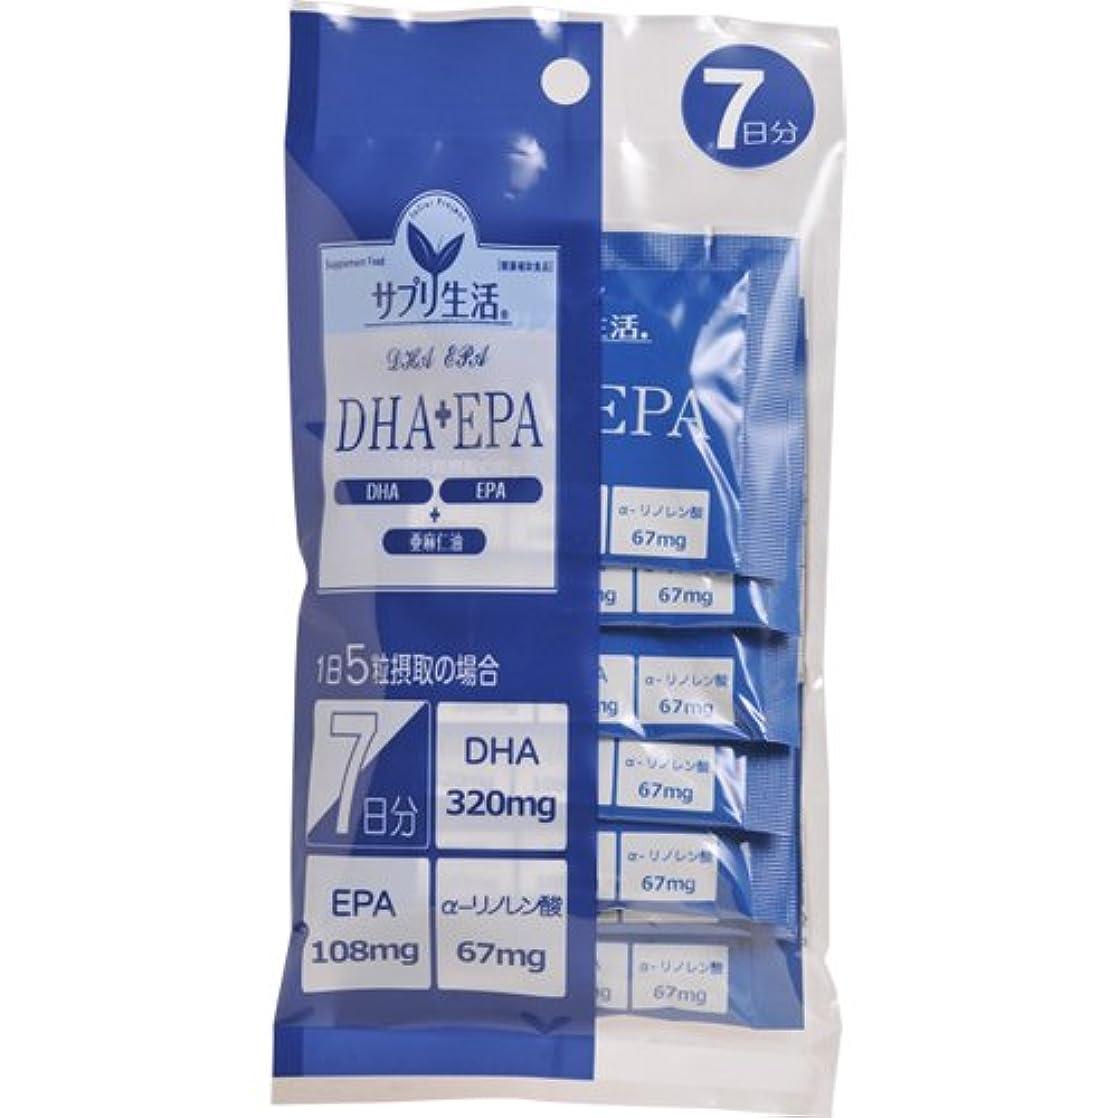 あたたかい年金受給者読み書きのできないサプリ生活 DHA+EPA(7包タイプ)